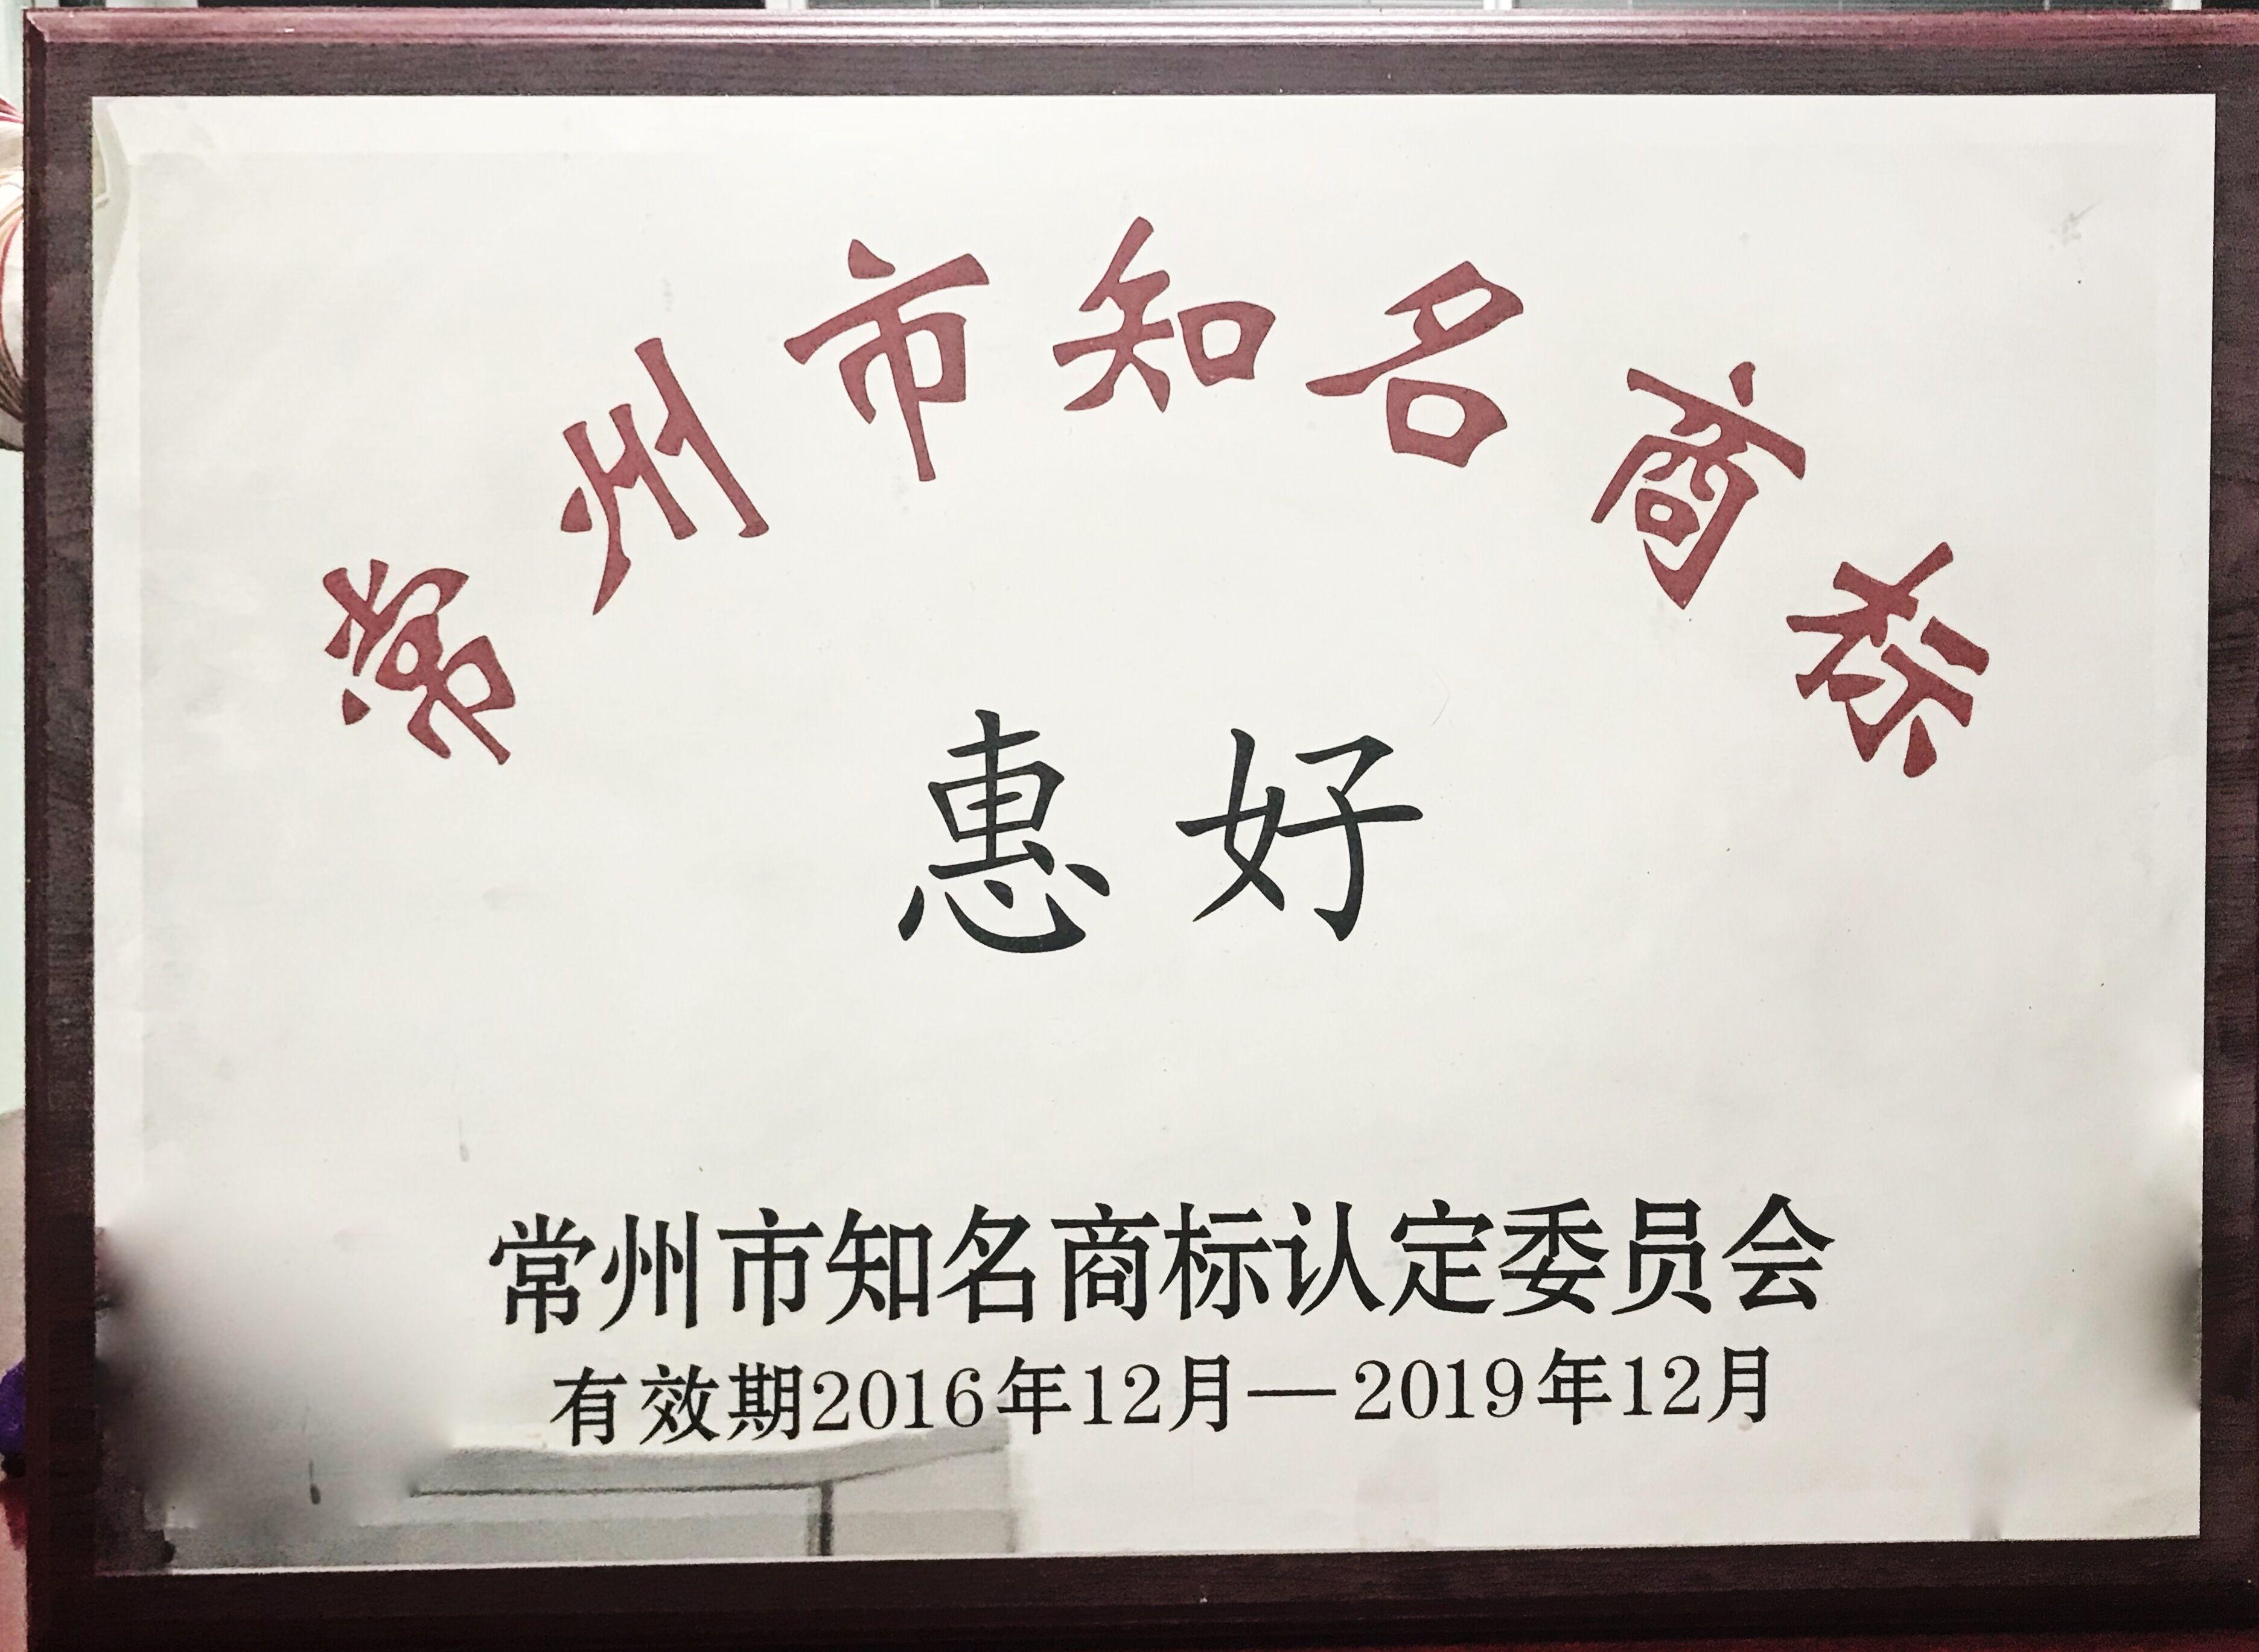 巾帼惠好荣誉-常州市知名商标